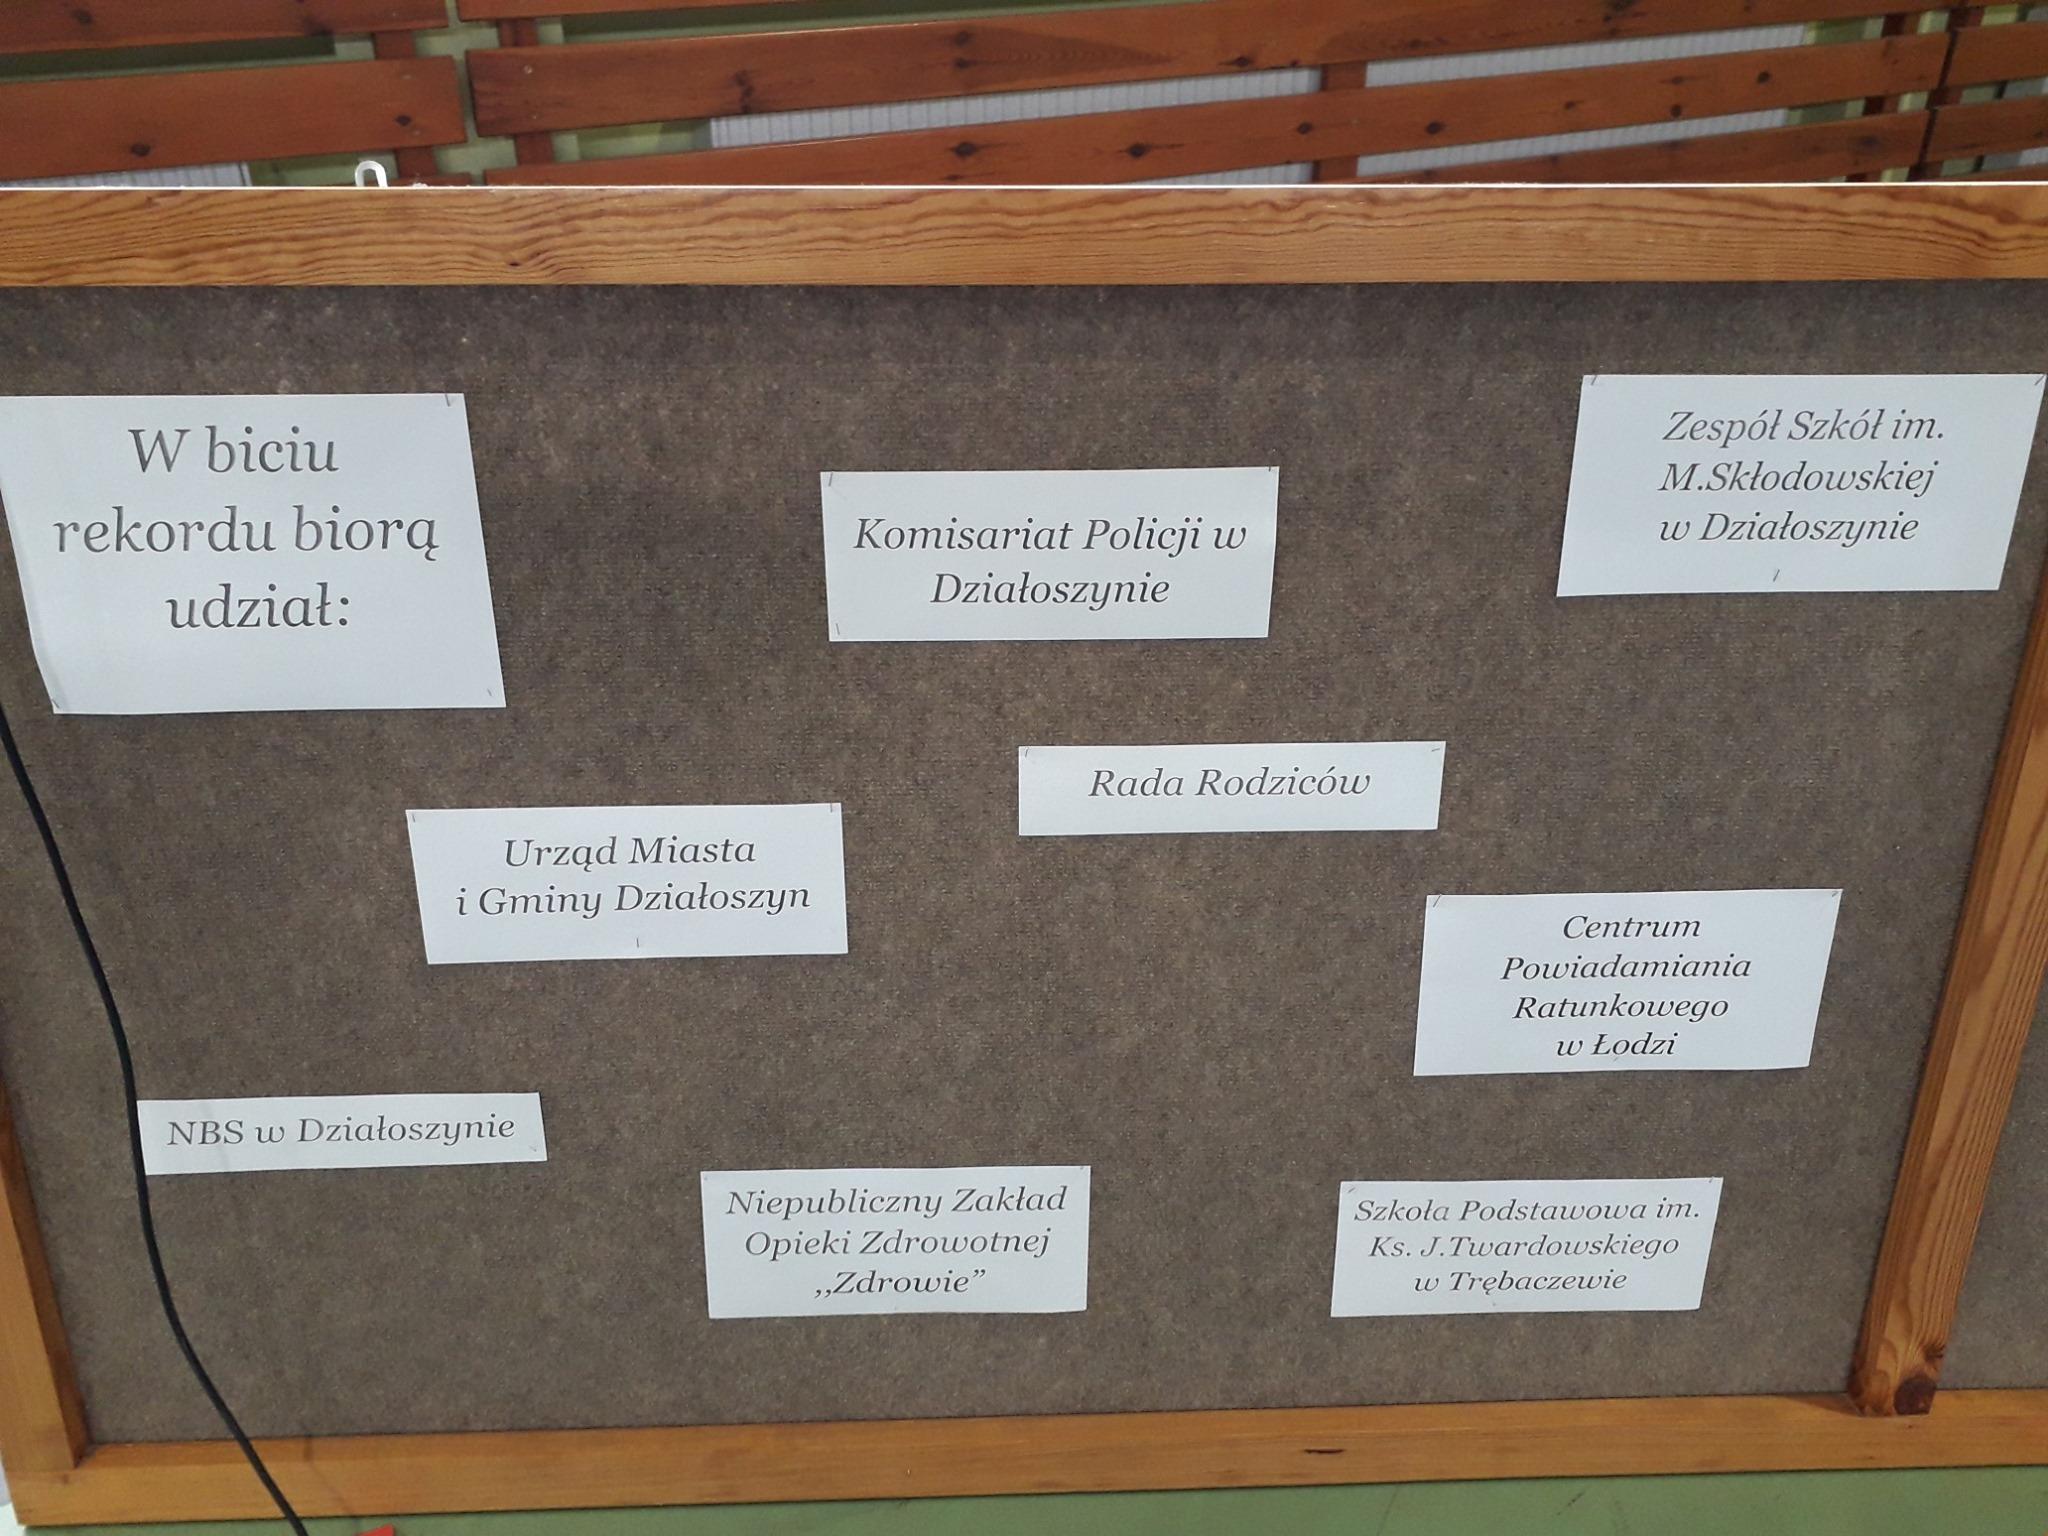 Na zaproszenie Szkoly Podstawowej im.Marii Konopnickiej wRaciszynie przedstawi.fna&oh=34c3a3c51aaf6f7490589bcfe3f46562&oe=5EA0ABA8 - Nazaproszenie Szkoły Podstawowej im.Marii Konopnickiej wRaciszynie przedstawi...